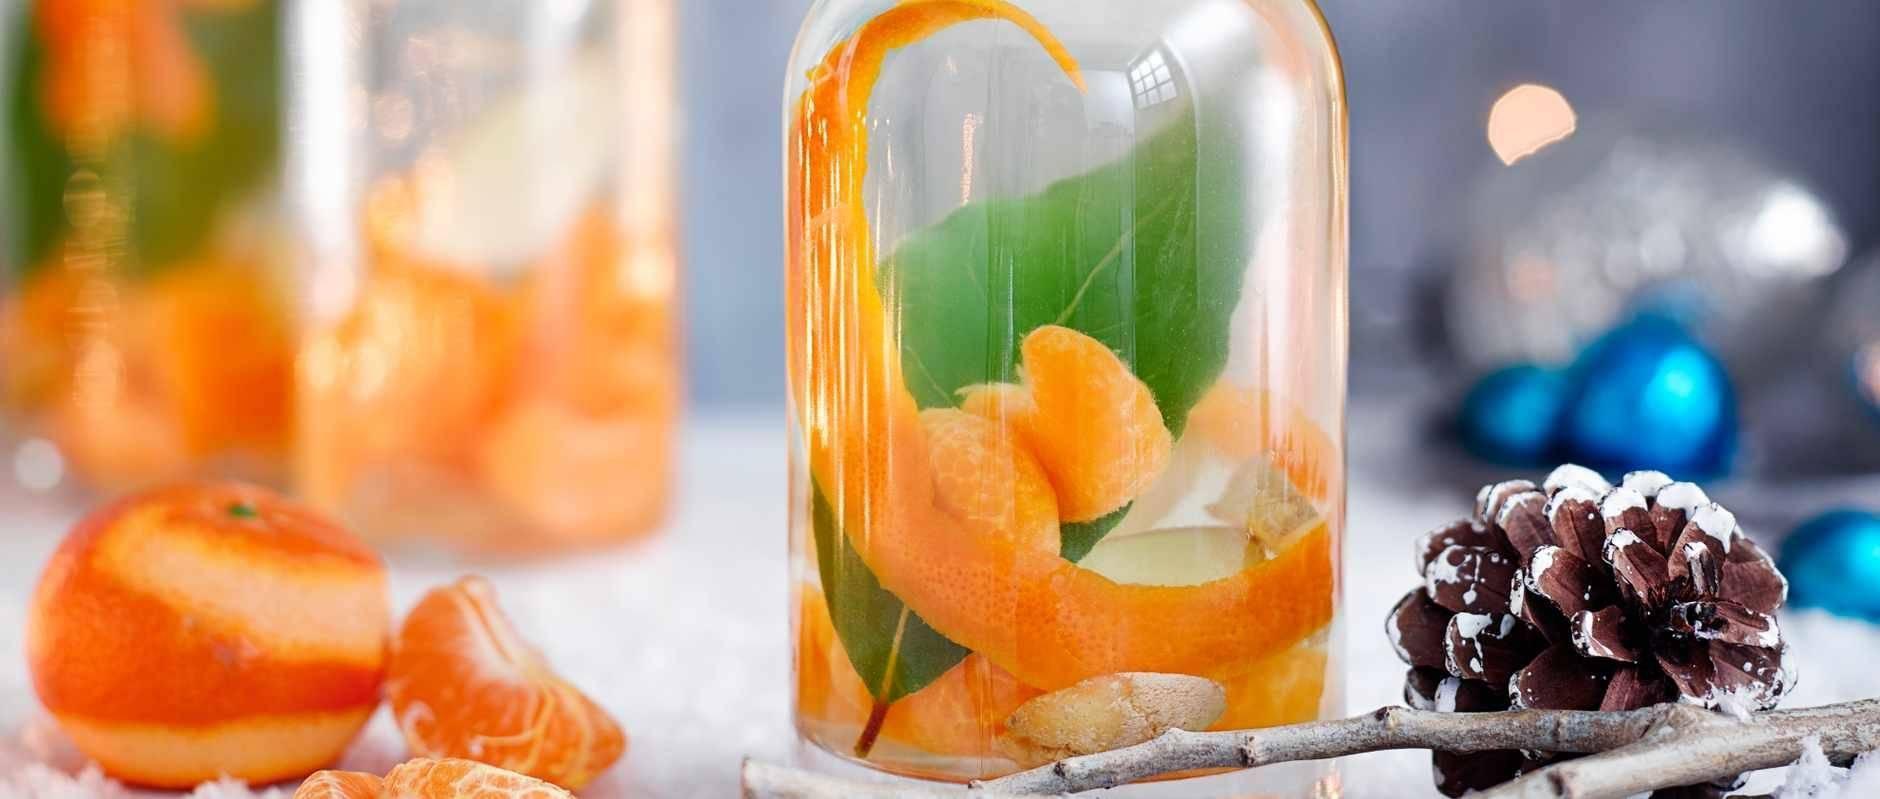 Самогон из апельсинов (сока) – рецепт браги и перегонка